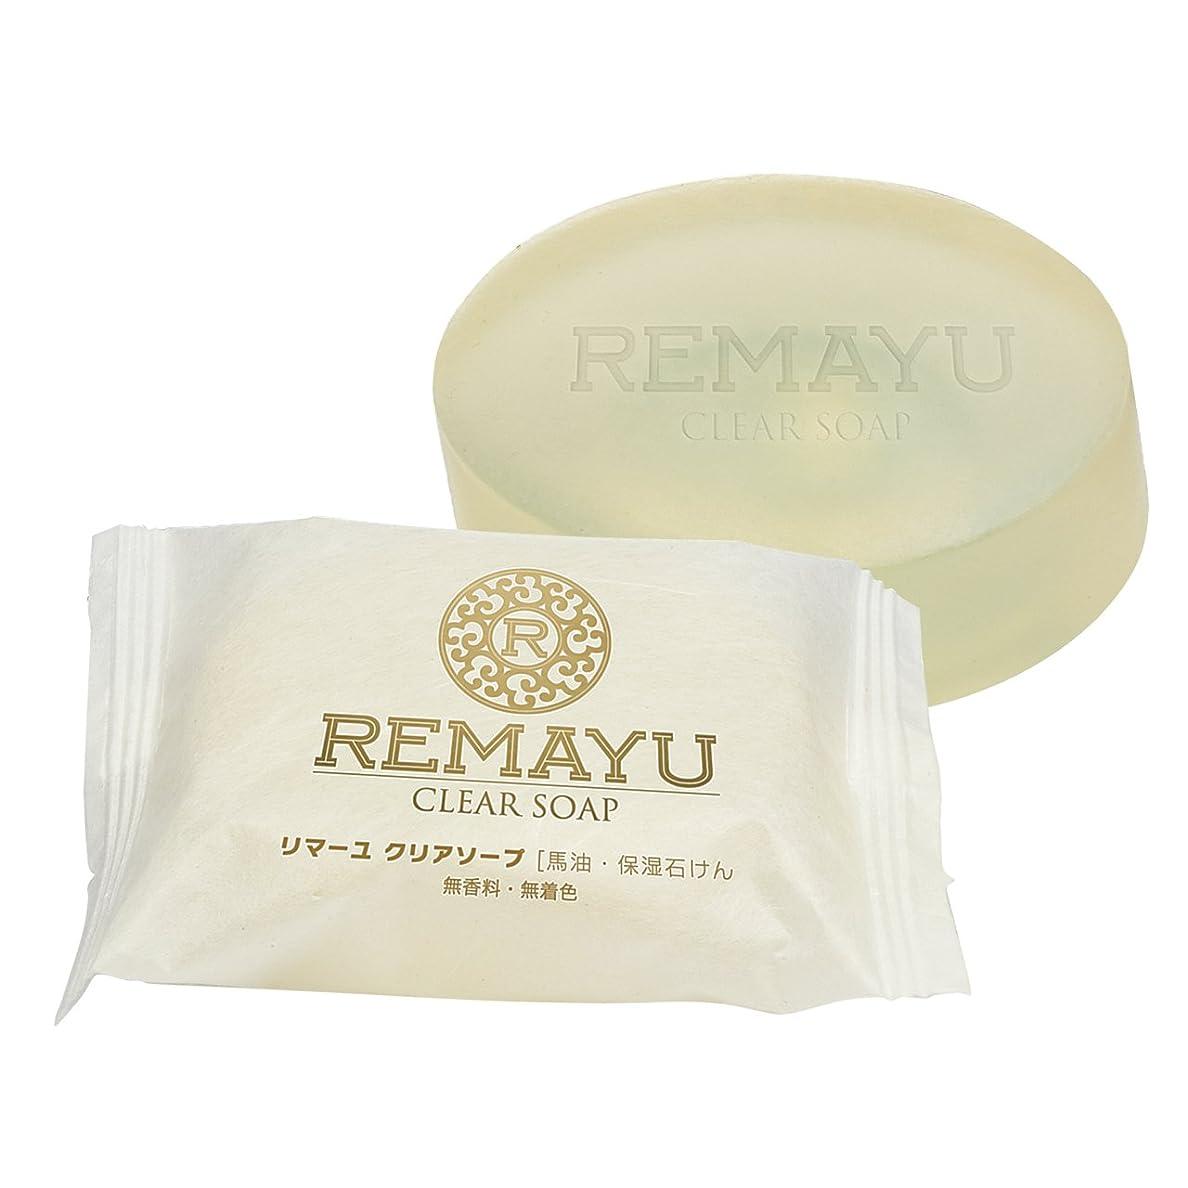 リマーユ クリアソープ 90g 馬油 リバテープ製薬 日本製 ばゆ石鹸 ばゆ洗顔